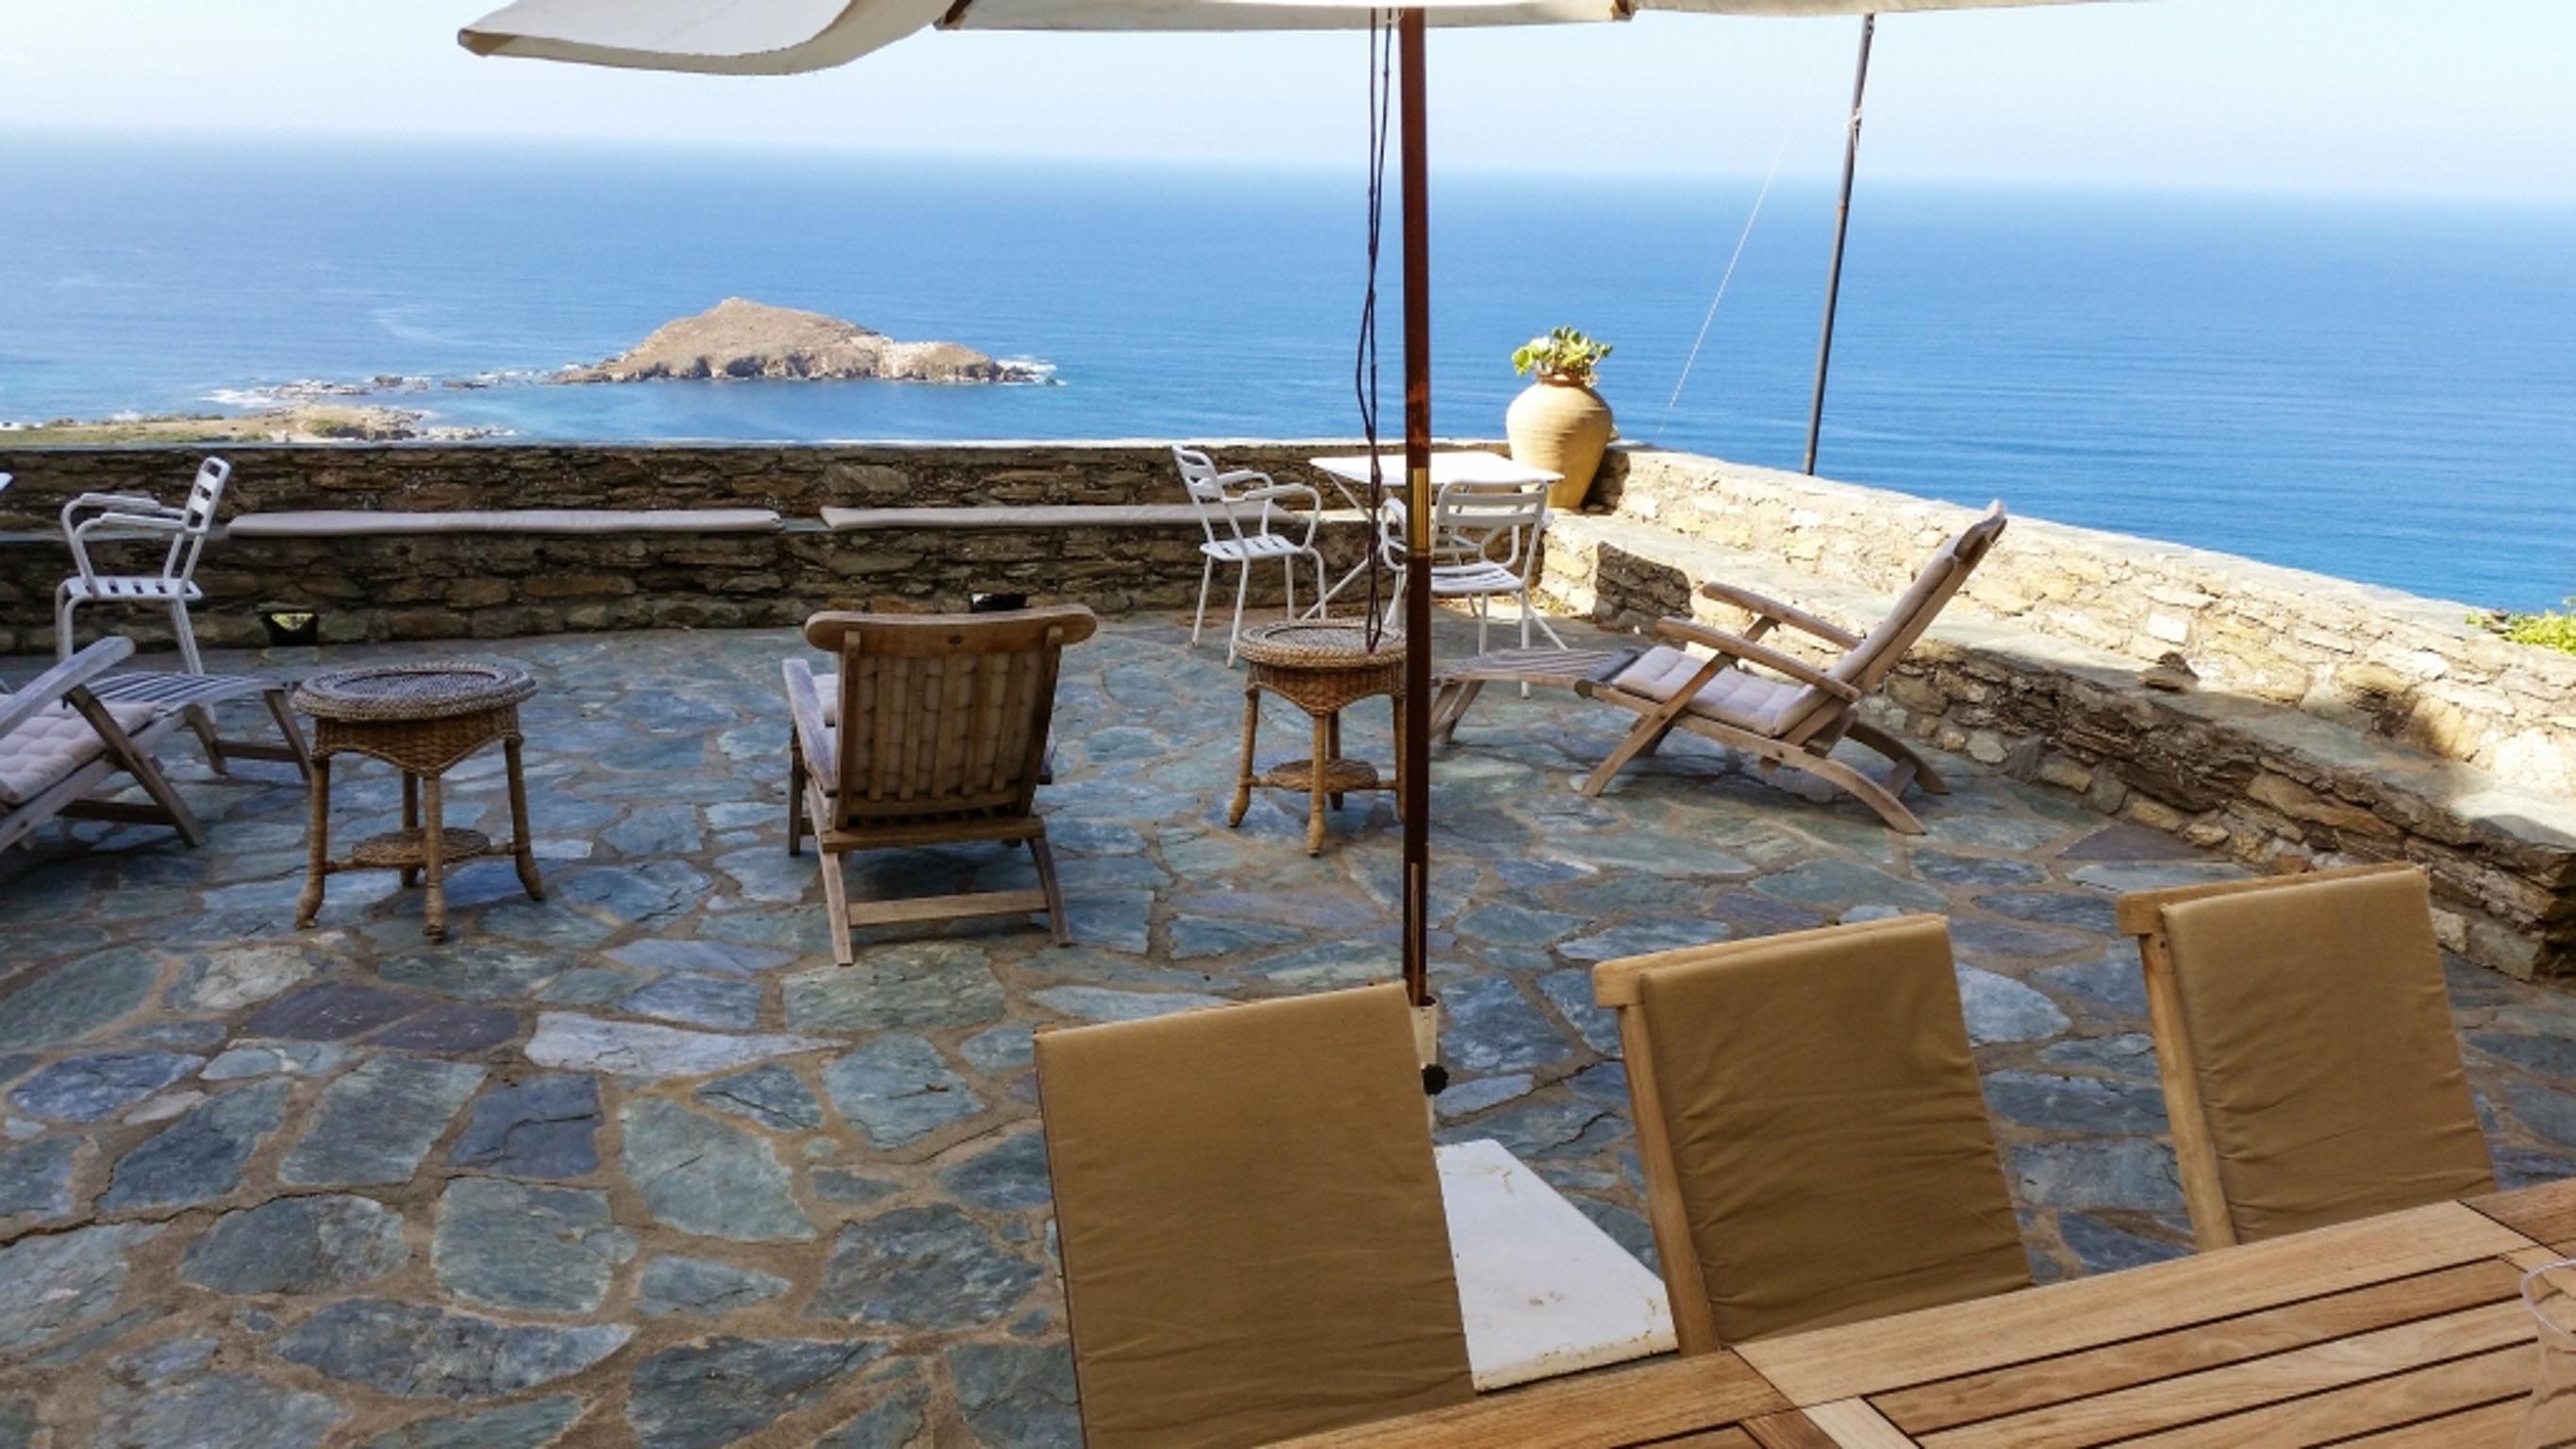 Ferienhaus Herrliches Haus mit neun Schlafzimmern und grandiosem Blick aufs Meer im hübschen Dörfchen (2202571), Centuri, Nordkorsika, Korsika, Frankreich, Bild 26